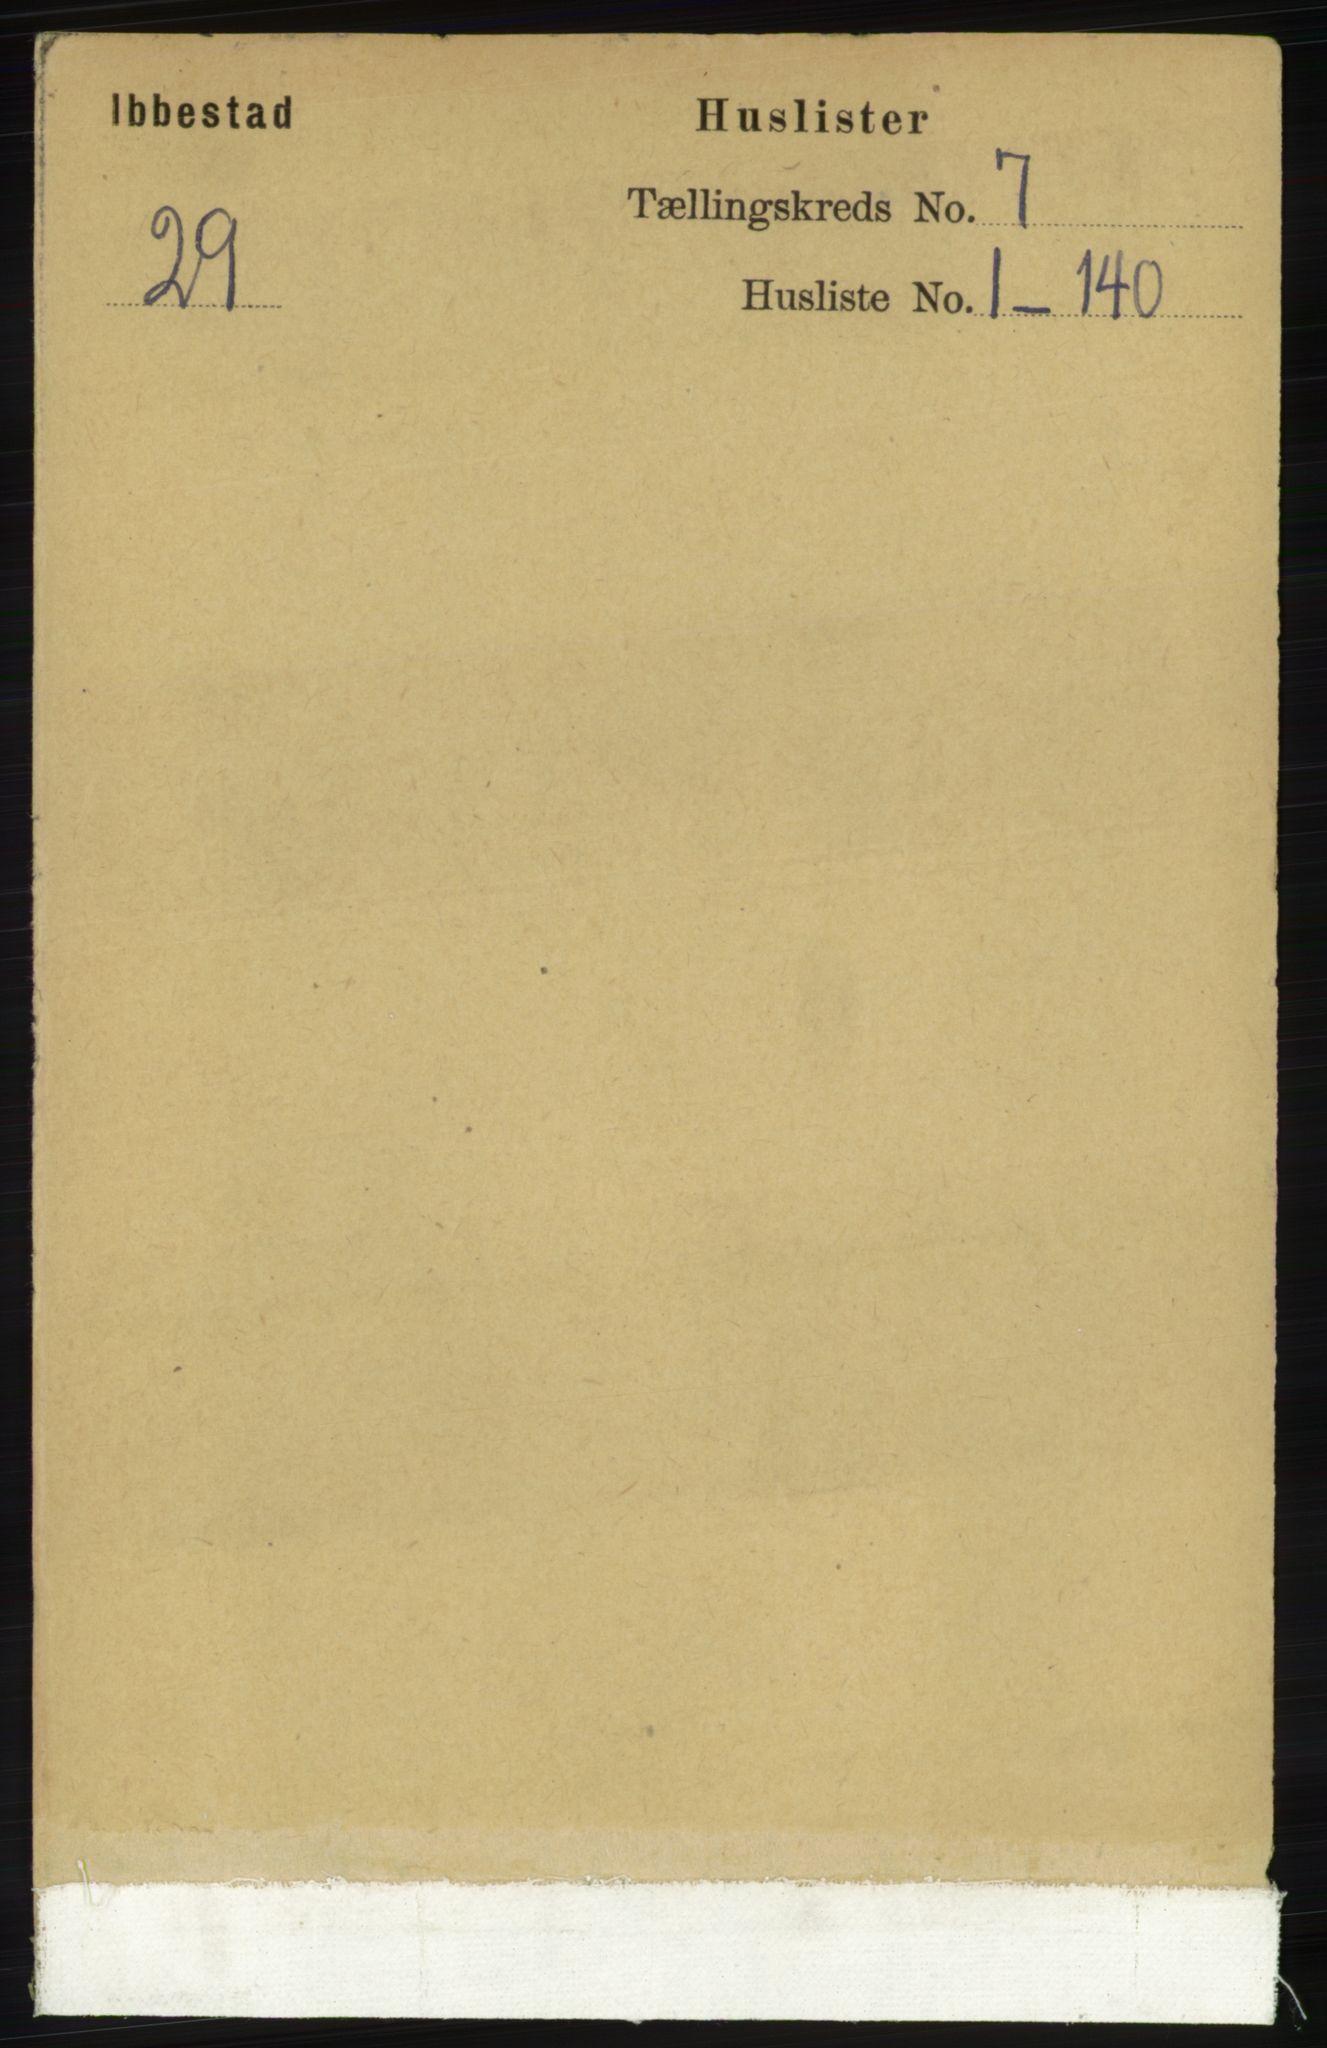 RA, Folketelling 1891 for 1917 Ibestad herred, 1891, s. 4047